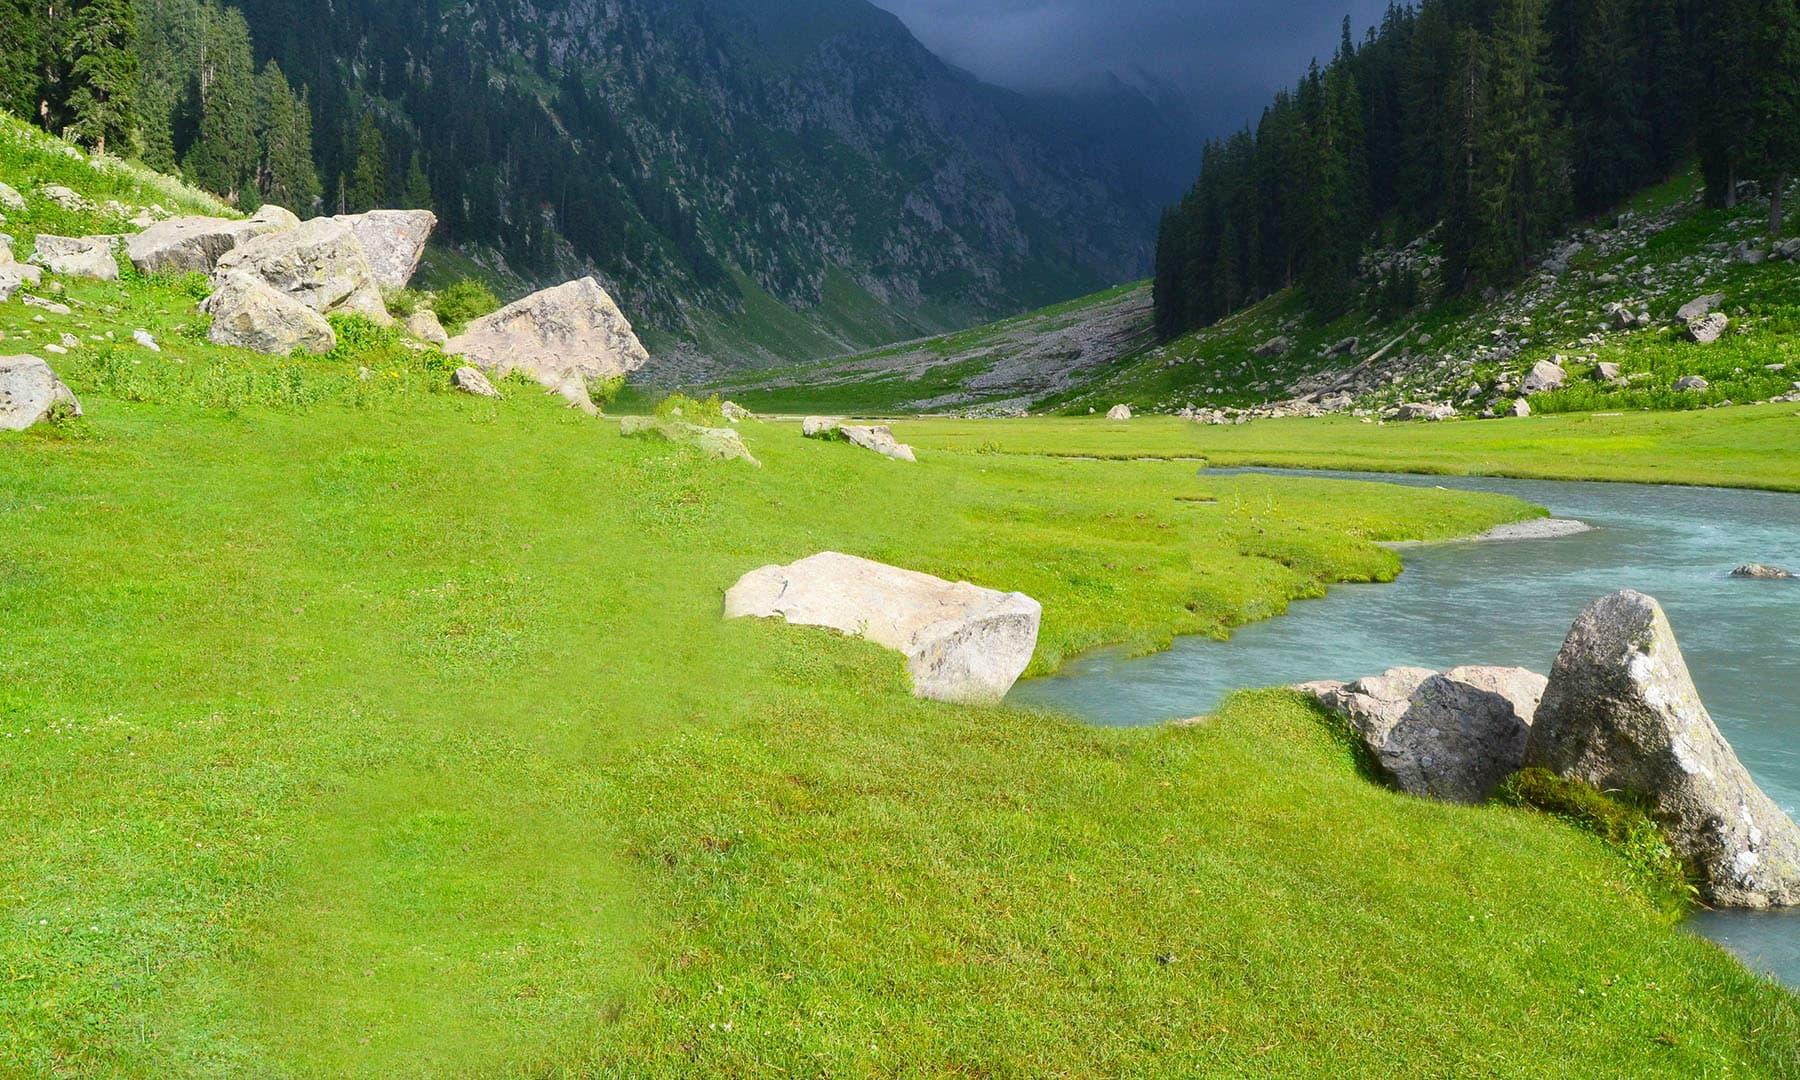 دریا کے پار قالین نما ایک سبزہ زار علاقہ، جو ہماری منزل بھی تھا—عظمت اکبر